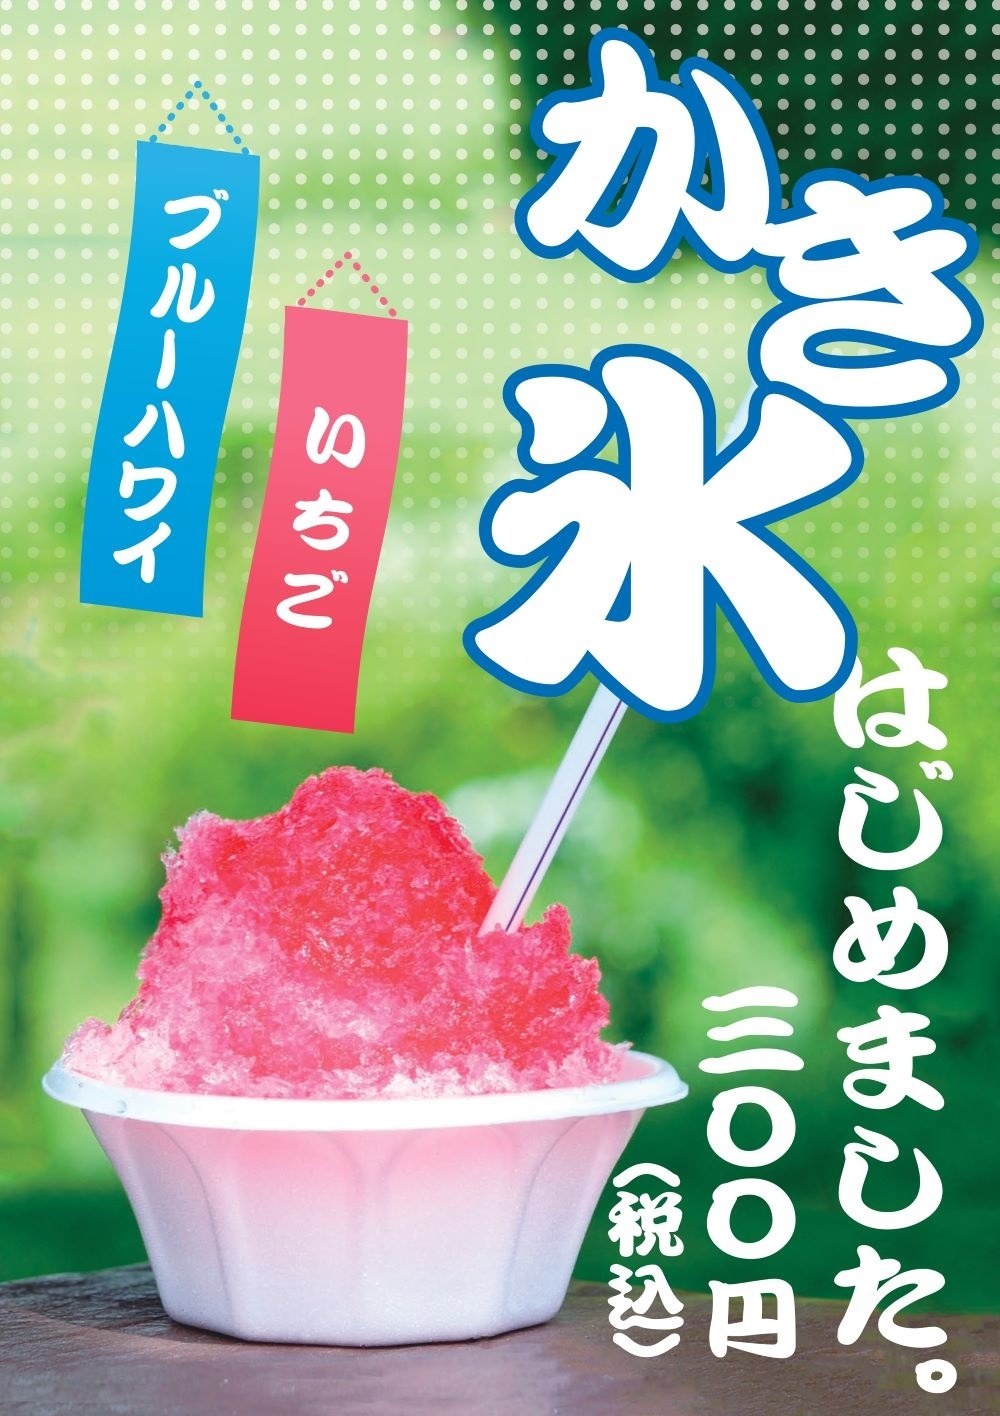 【当日販売】夏季限定!かき氷